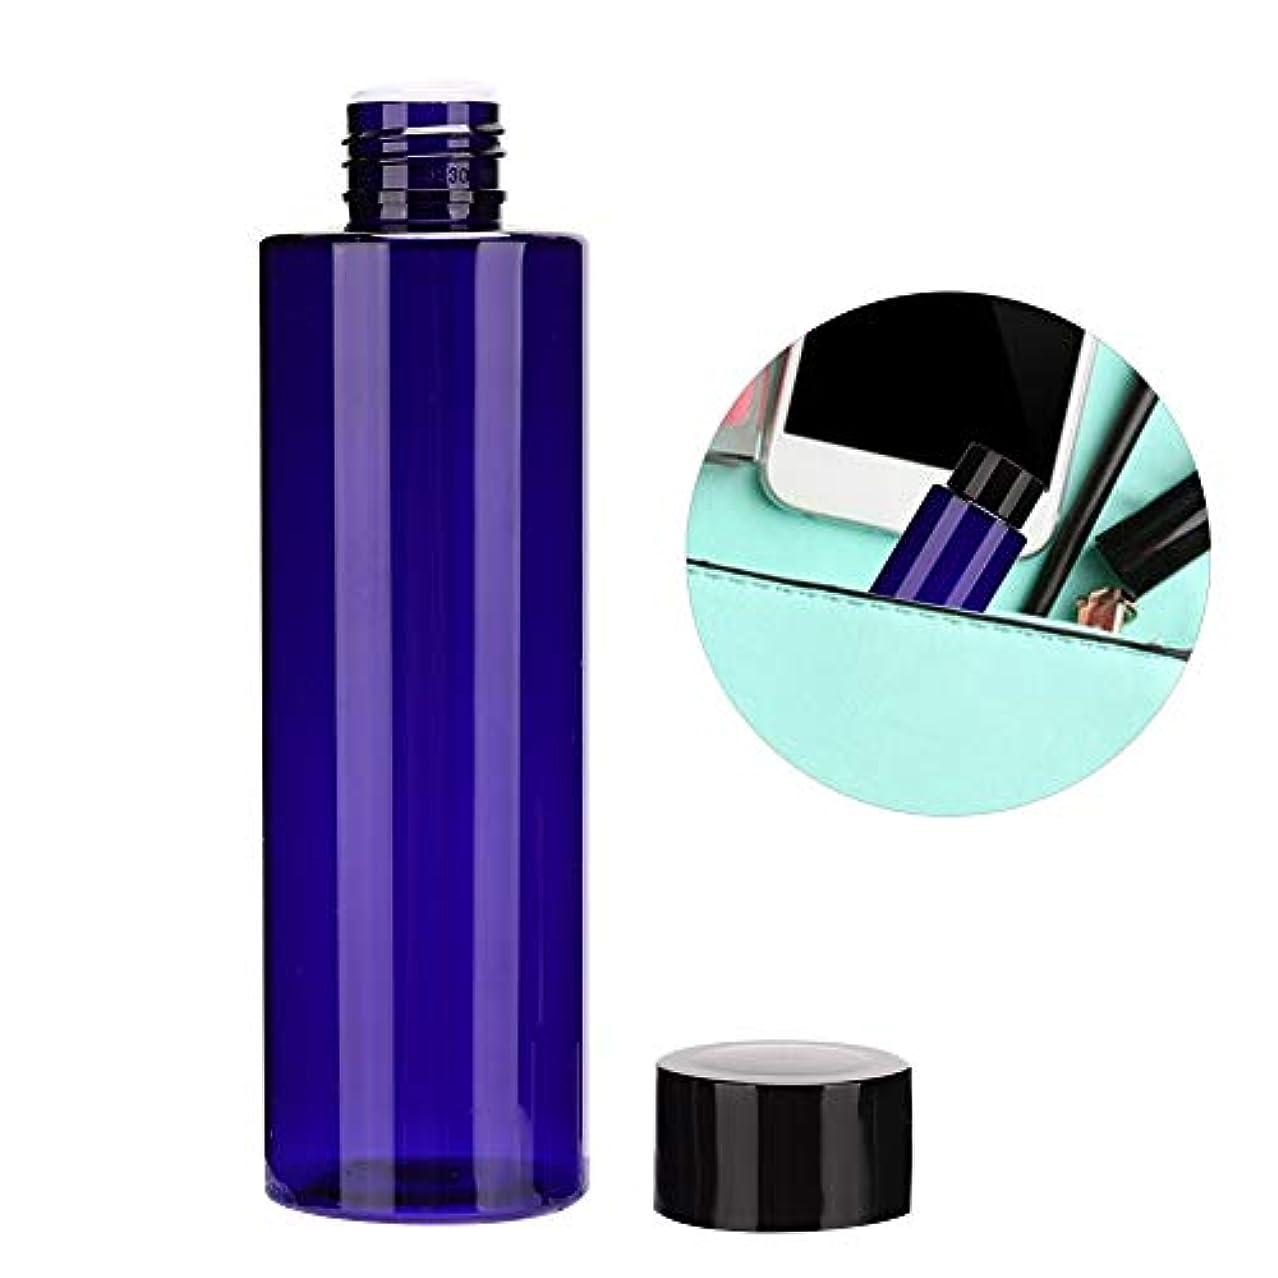 レキシコン相談する意識的200ML PET 詰め替え 可能な空 液体ボトルローション スキンケア 製品 空の化粧品 トナーコンテナボトル